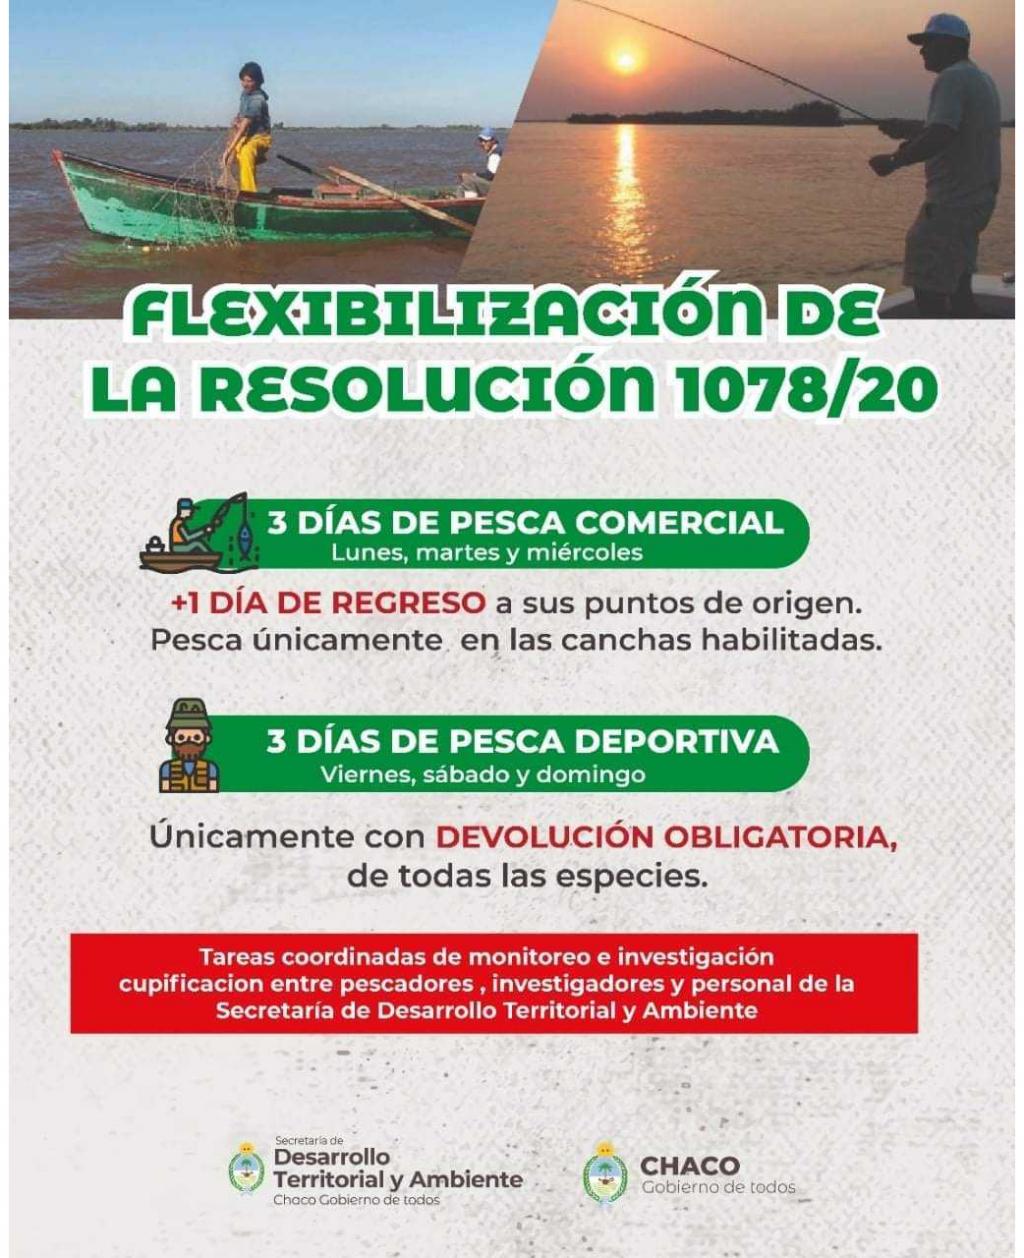 Acuerdo para flexibilizar la Resolución 1078/20